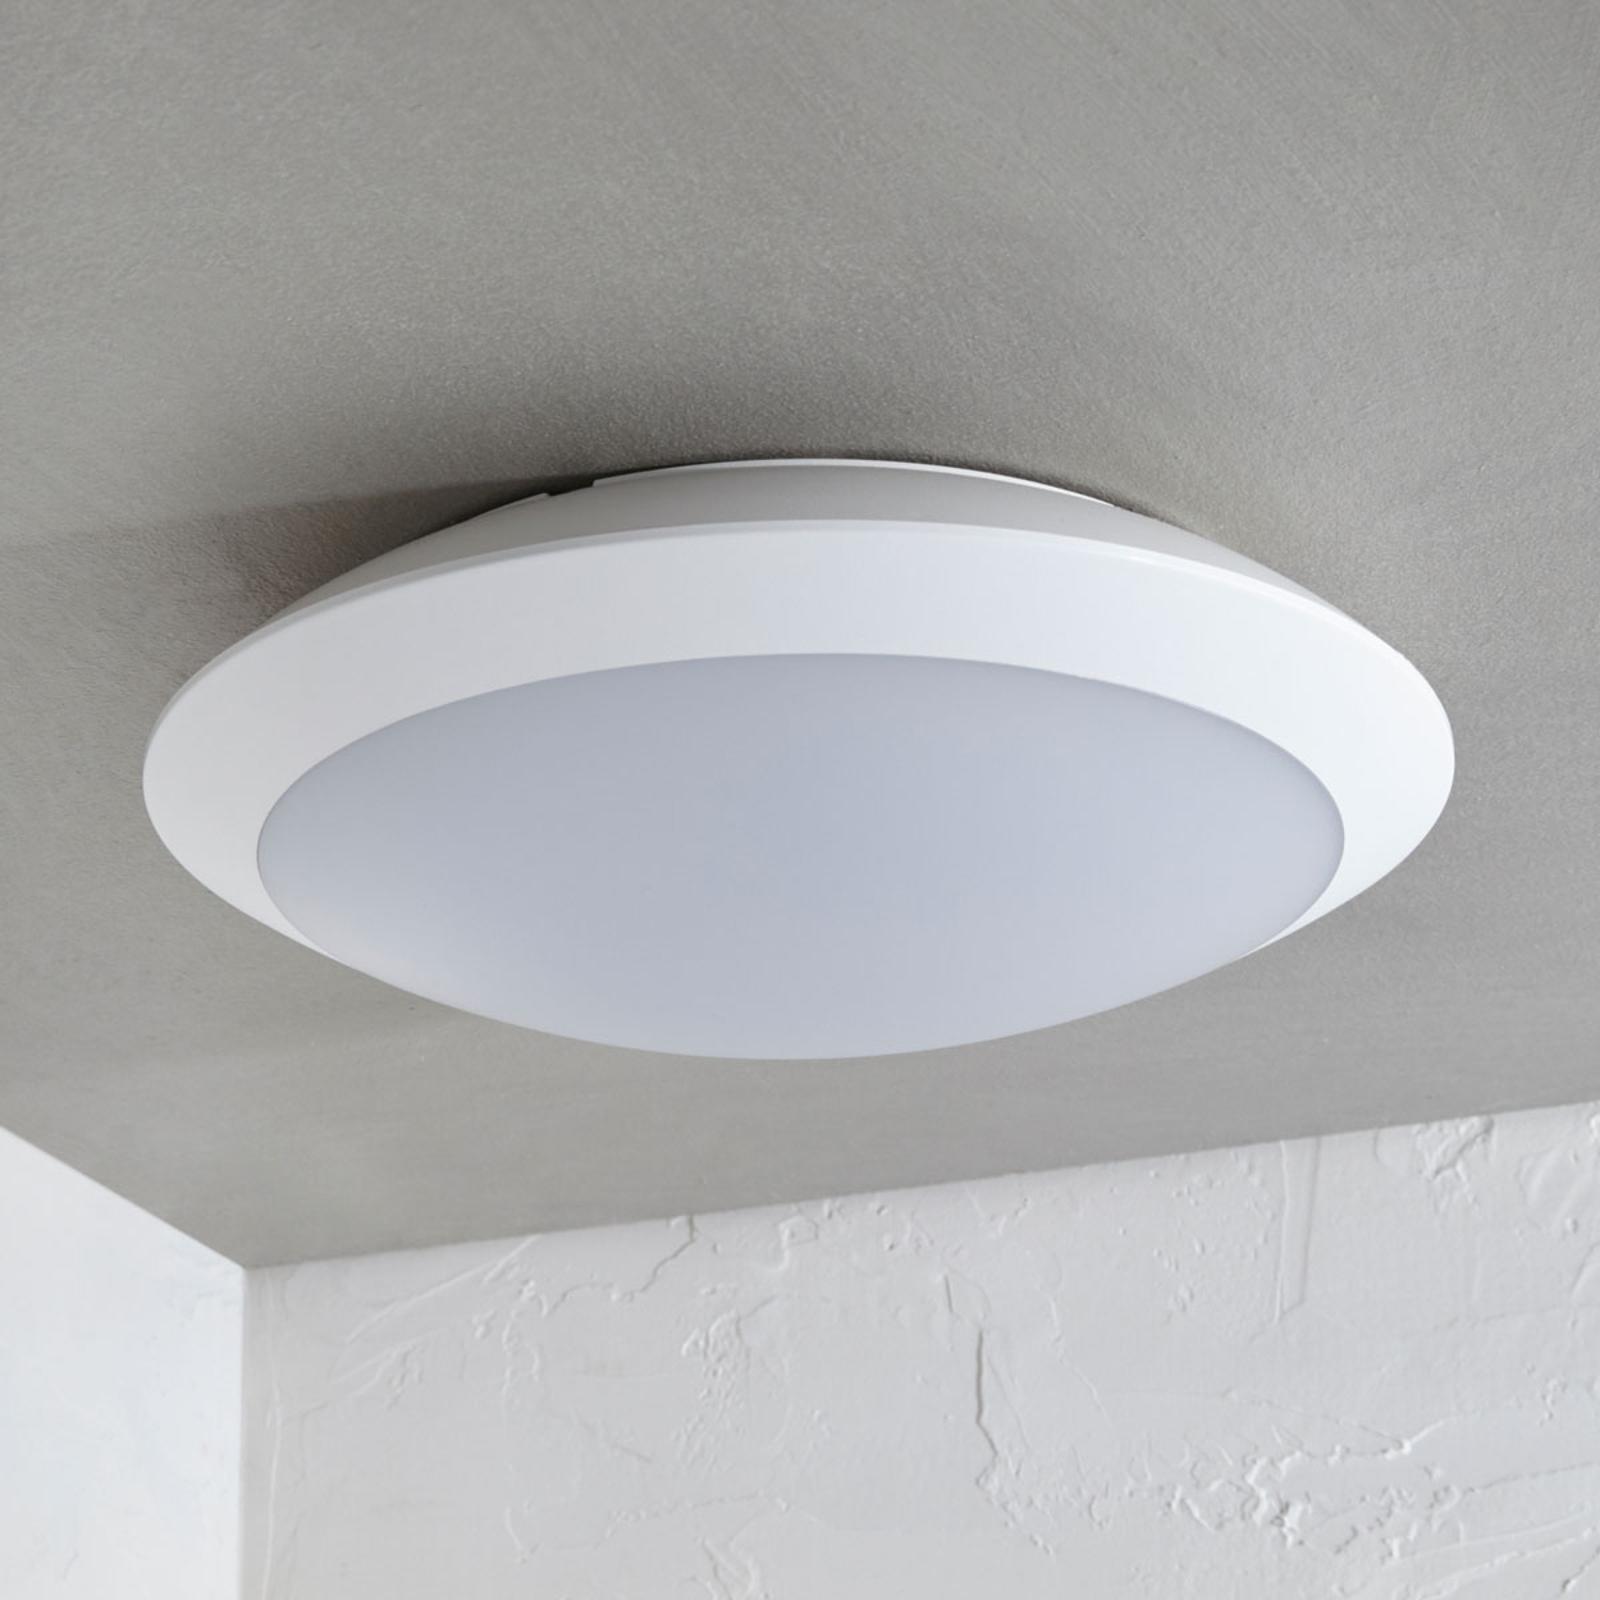 Utendørs LED-taklampe Naira, hvit, sensor